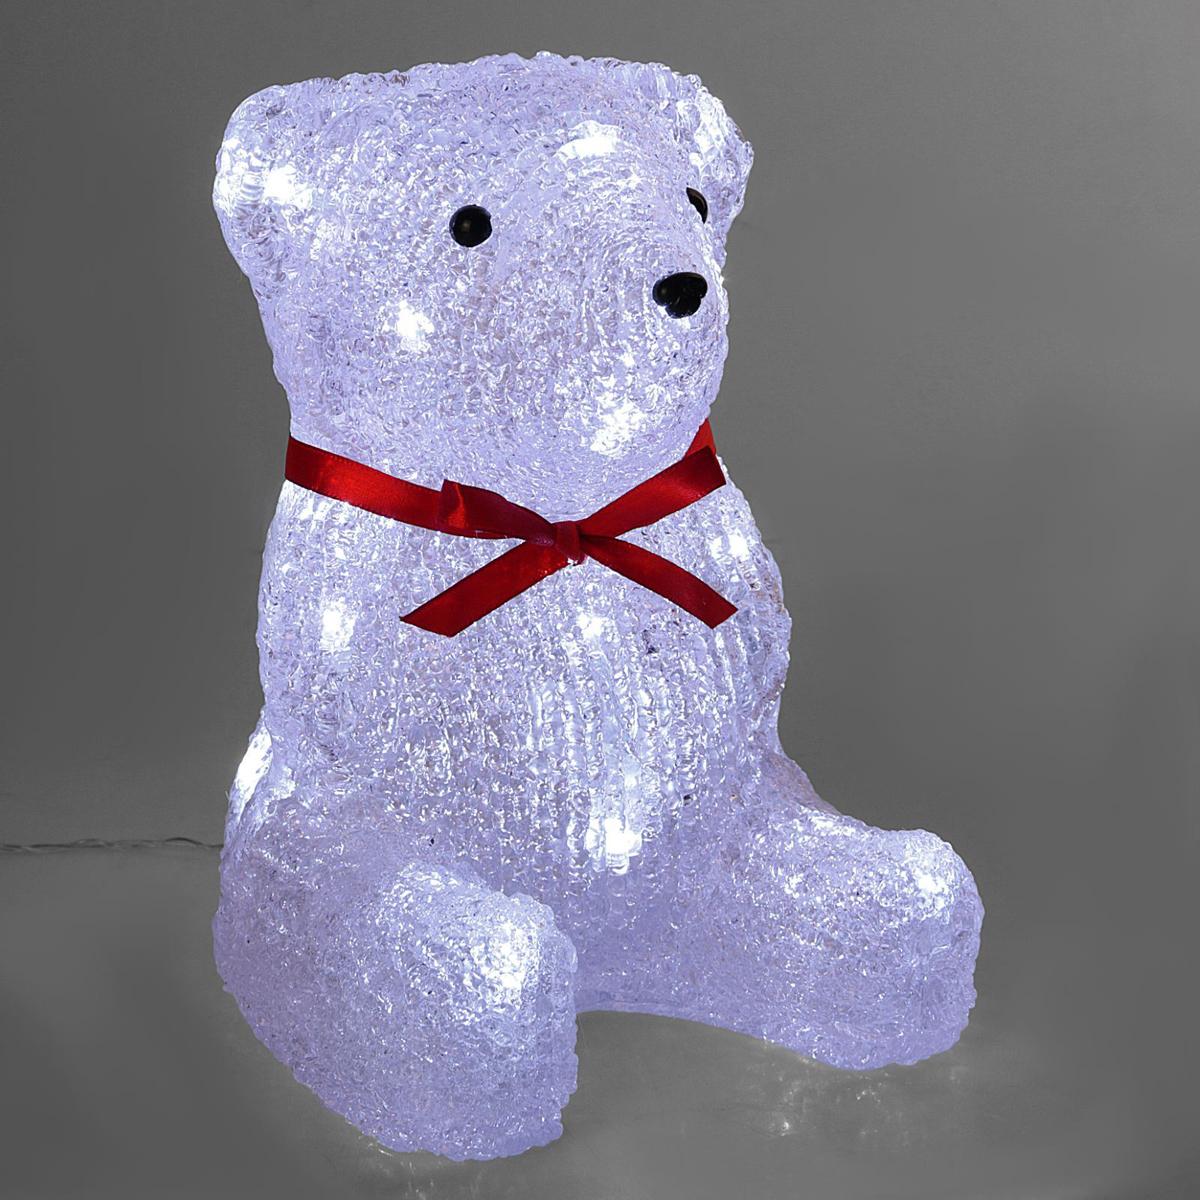 Фигурка новогодняя Luazon Медвежонок, 15 х 15 х 21 см2310851Акриловые фигуры являются оригинальным новогодним украшением. Кажется,будто скульптуры вырезаны изо льда. В темноте они будут мерцать огонькамисветодиодов. Такие лампочки не нагреваются, благодаря чему их использованиепожаробезопасно. Создайте праздничное настроение даже на рабочем месте. Небольшие поразмеру фигурки работают от батареек, и вы можете поставить их на стол.